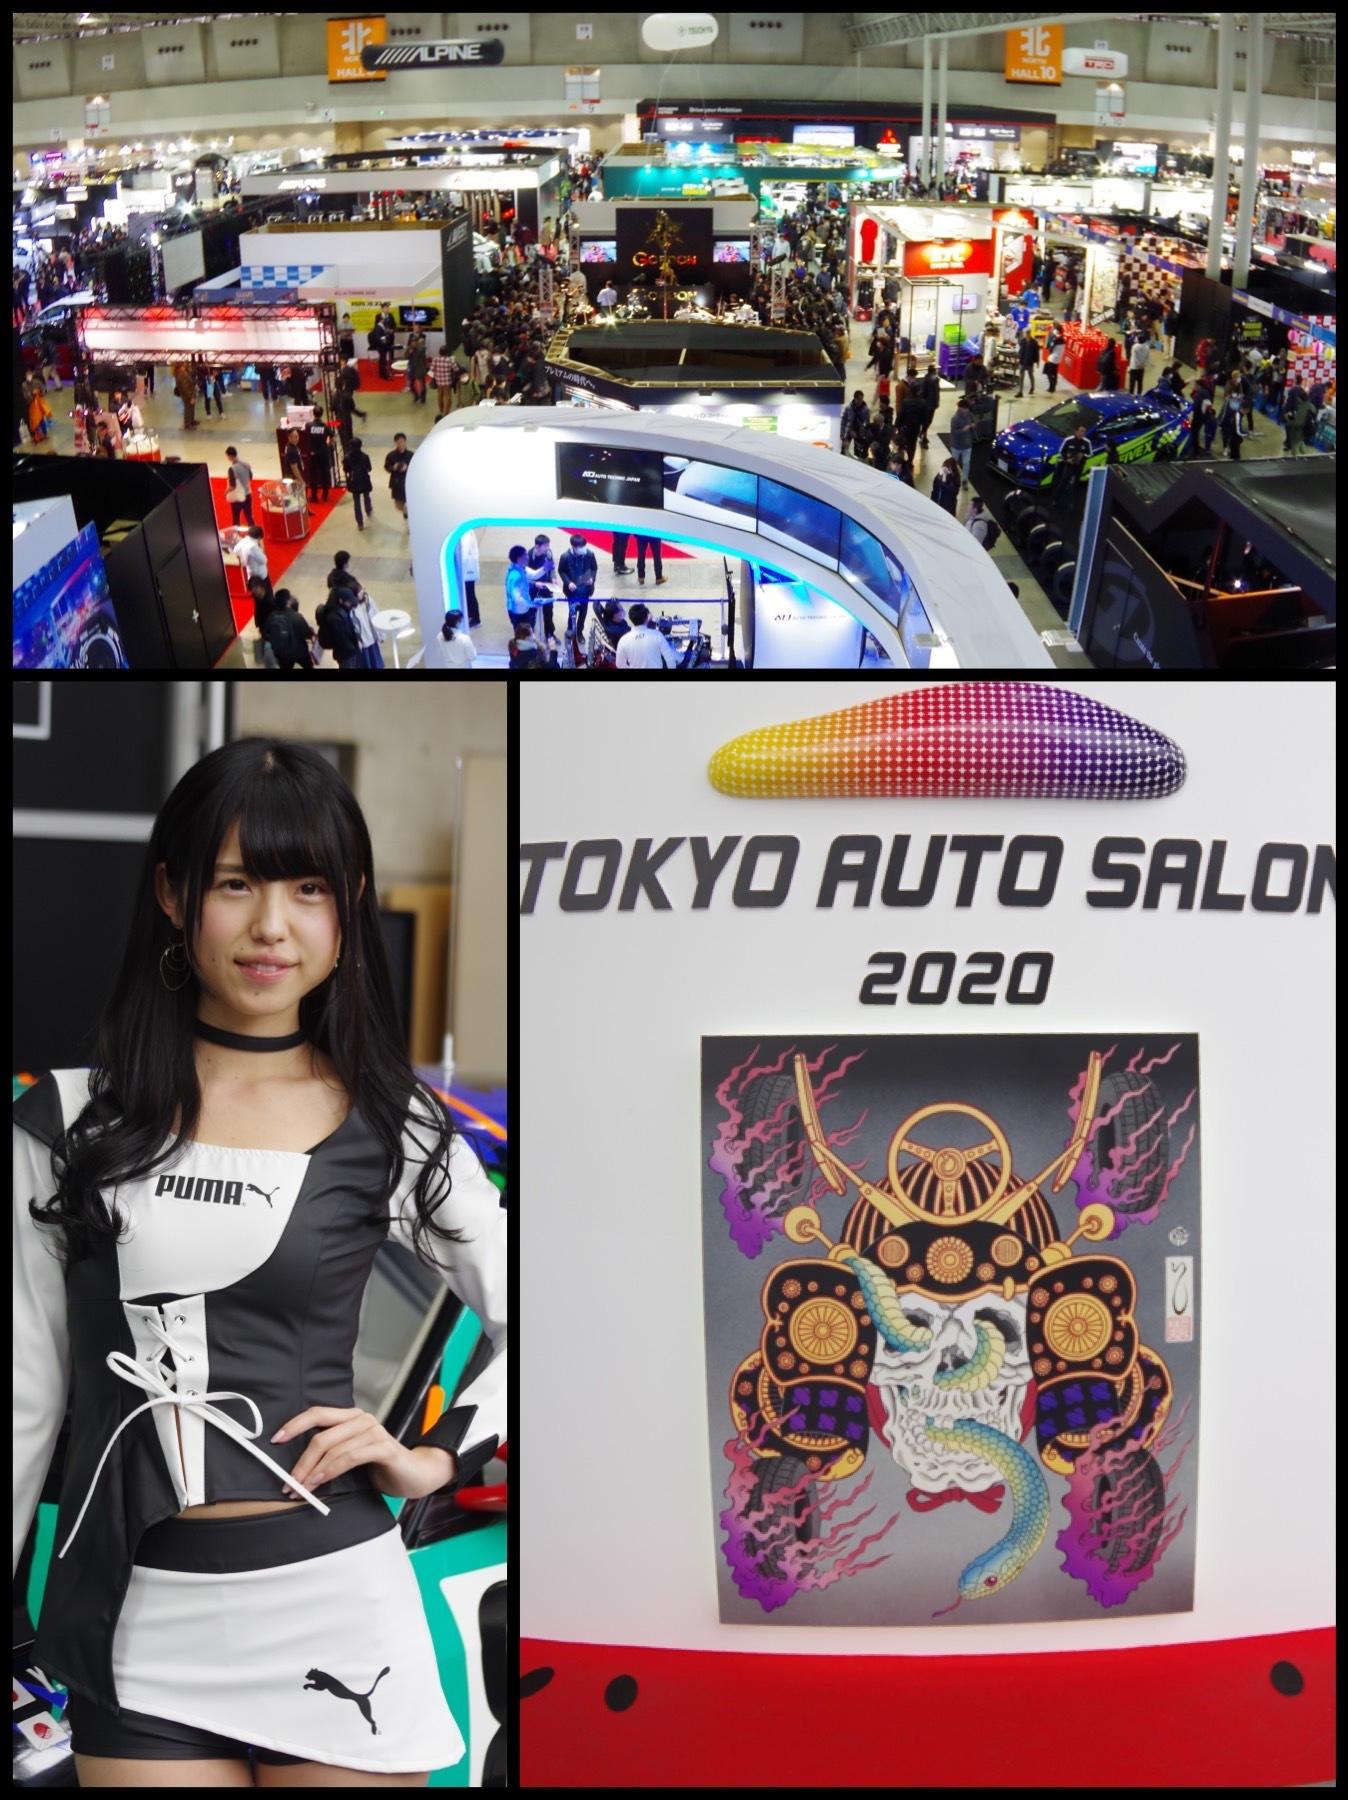 東京オートサロン2020 全体 コンパニオン